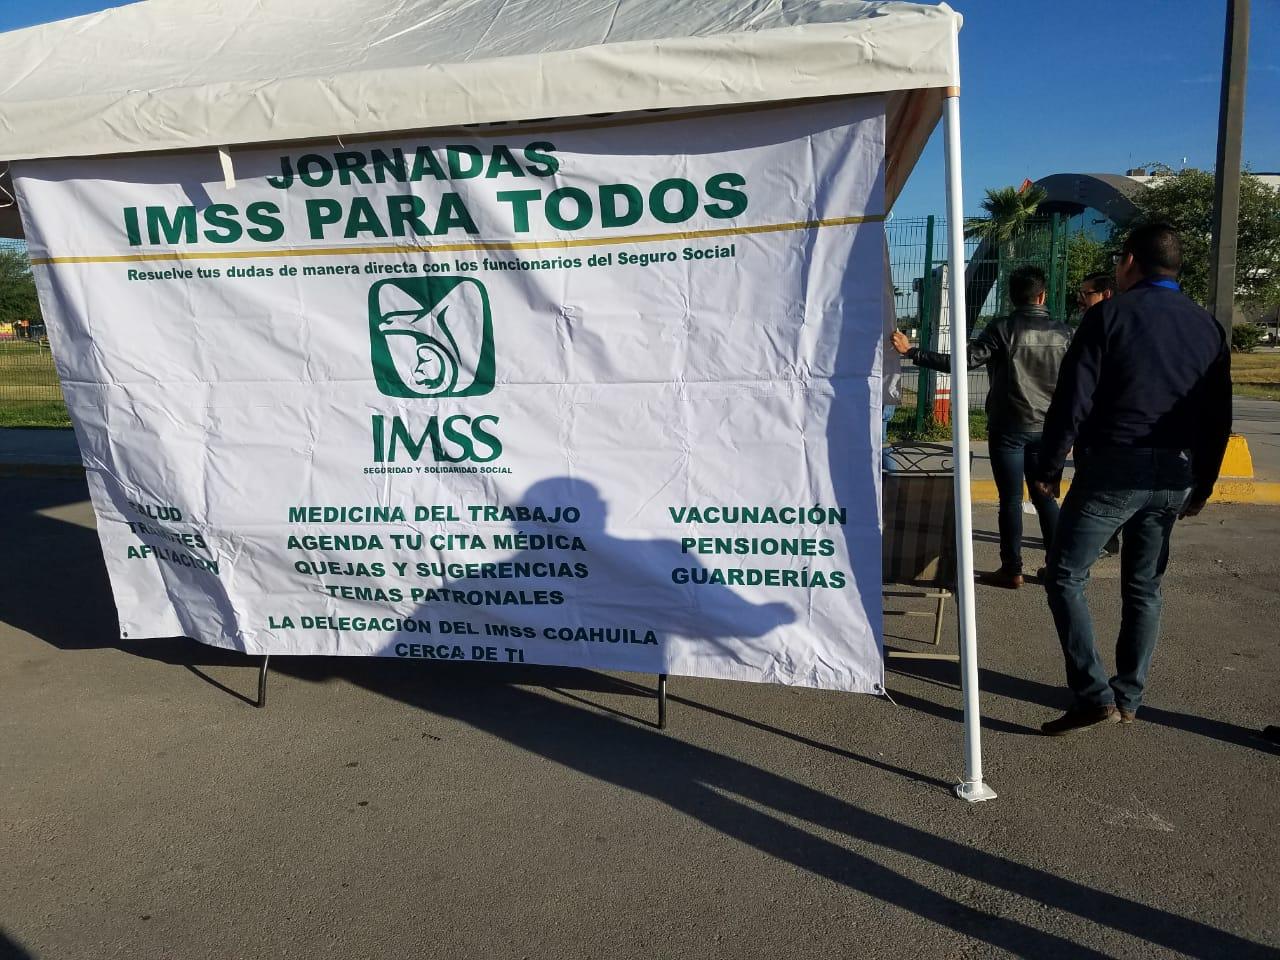 JORNADAS IMSS-12